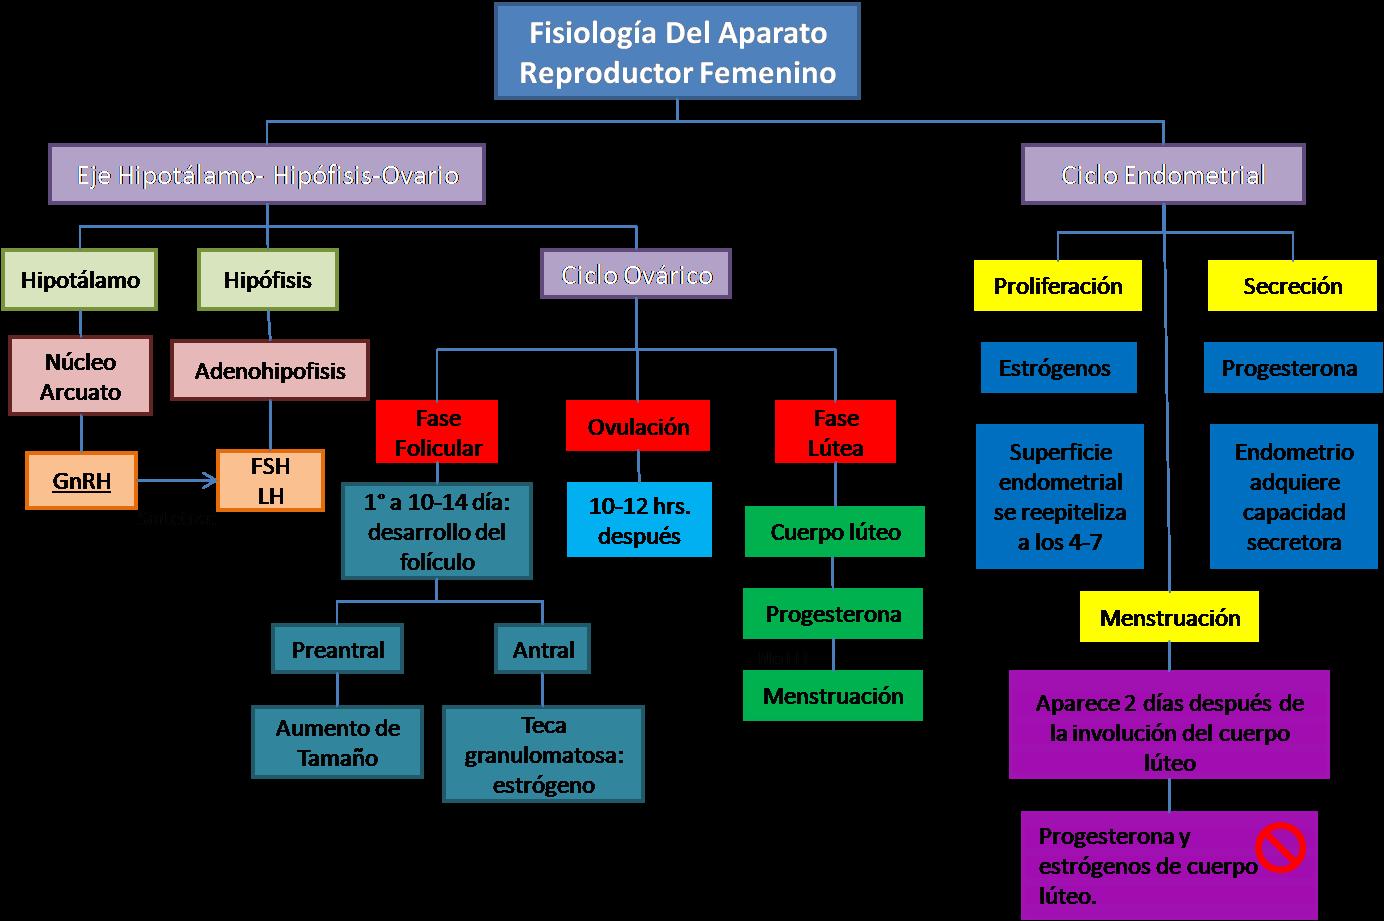 Blog de Ginecología.: Fisiología del aparato reproductor femenino.